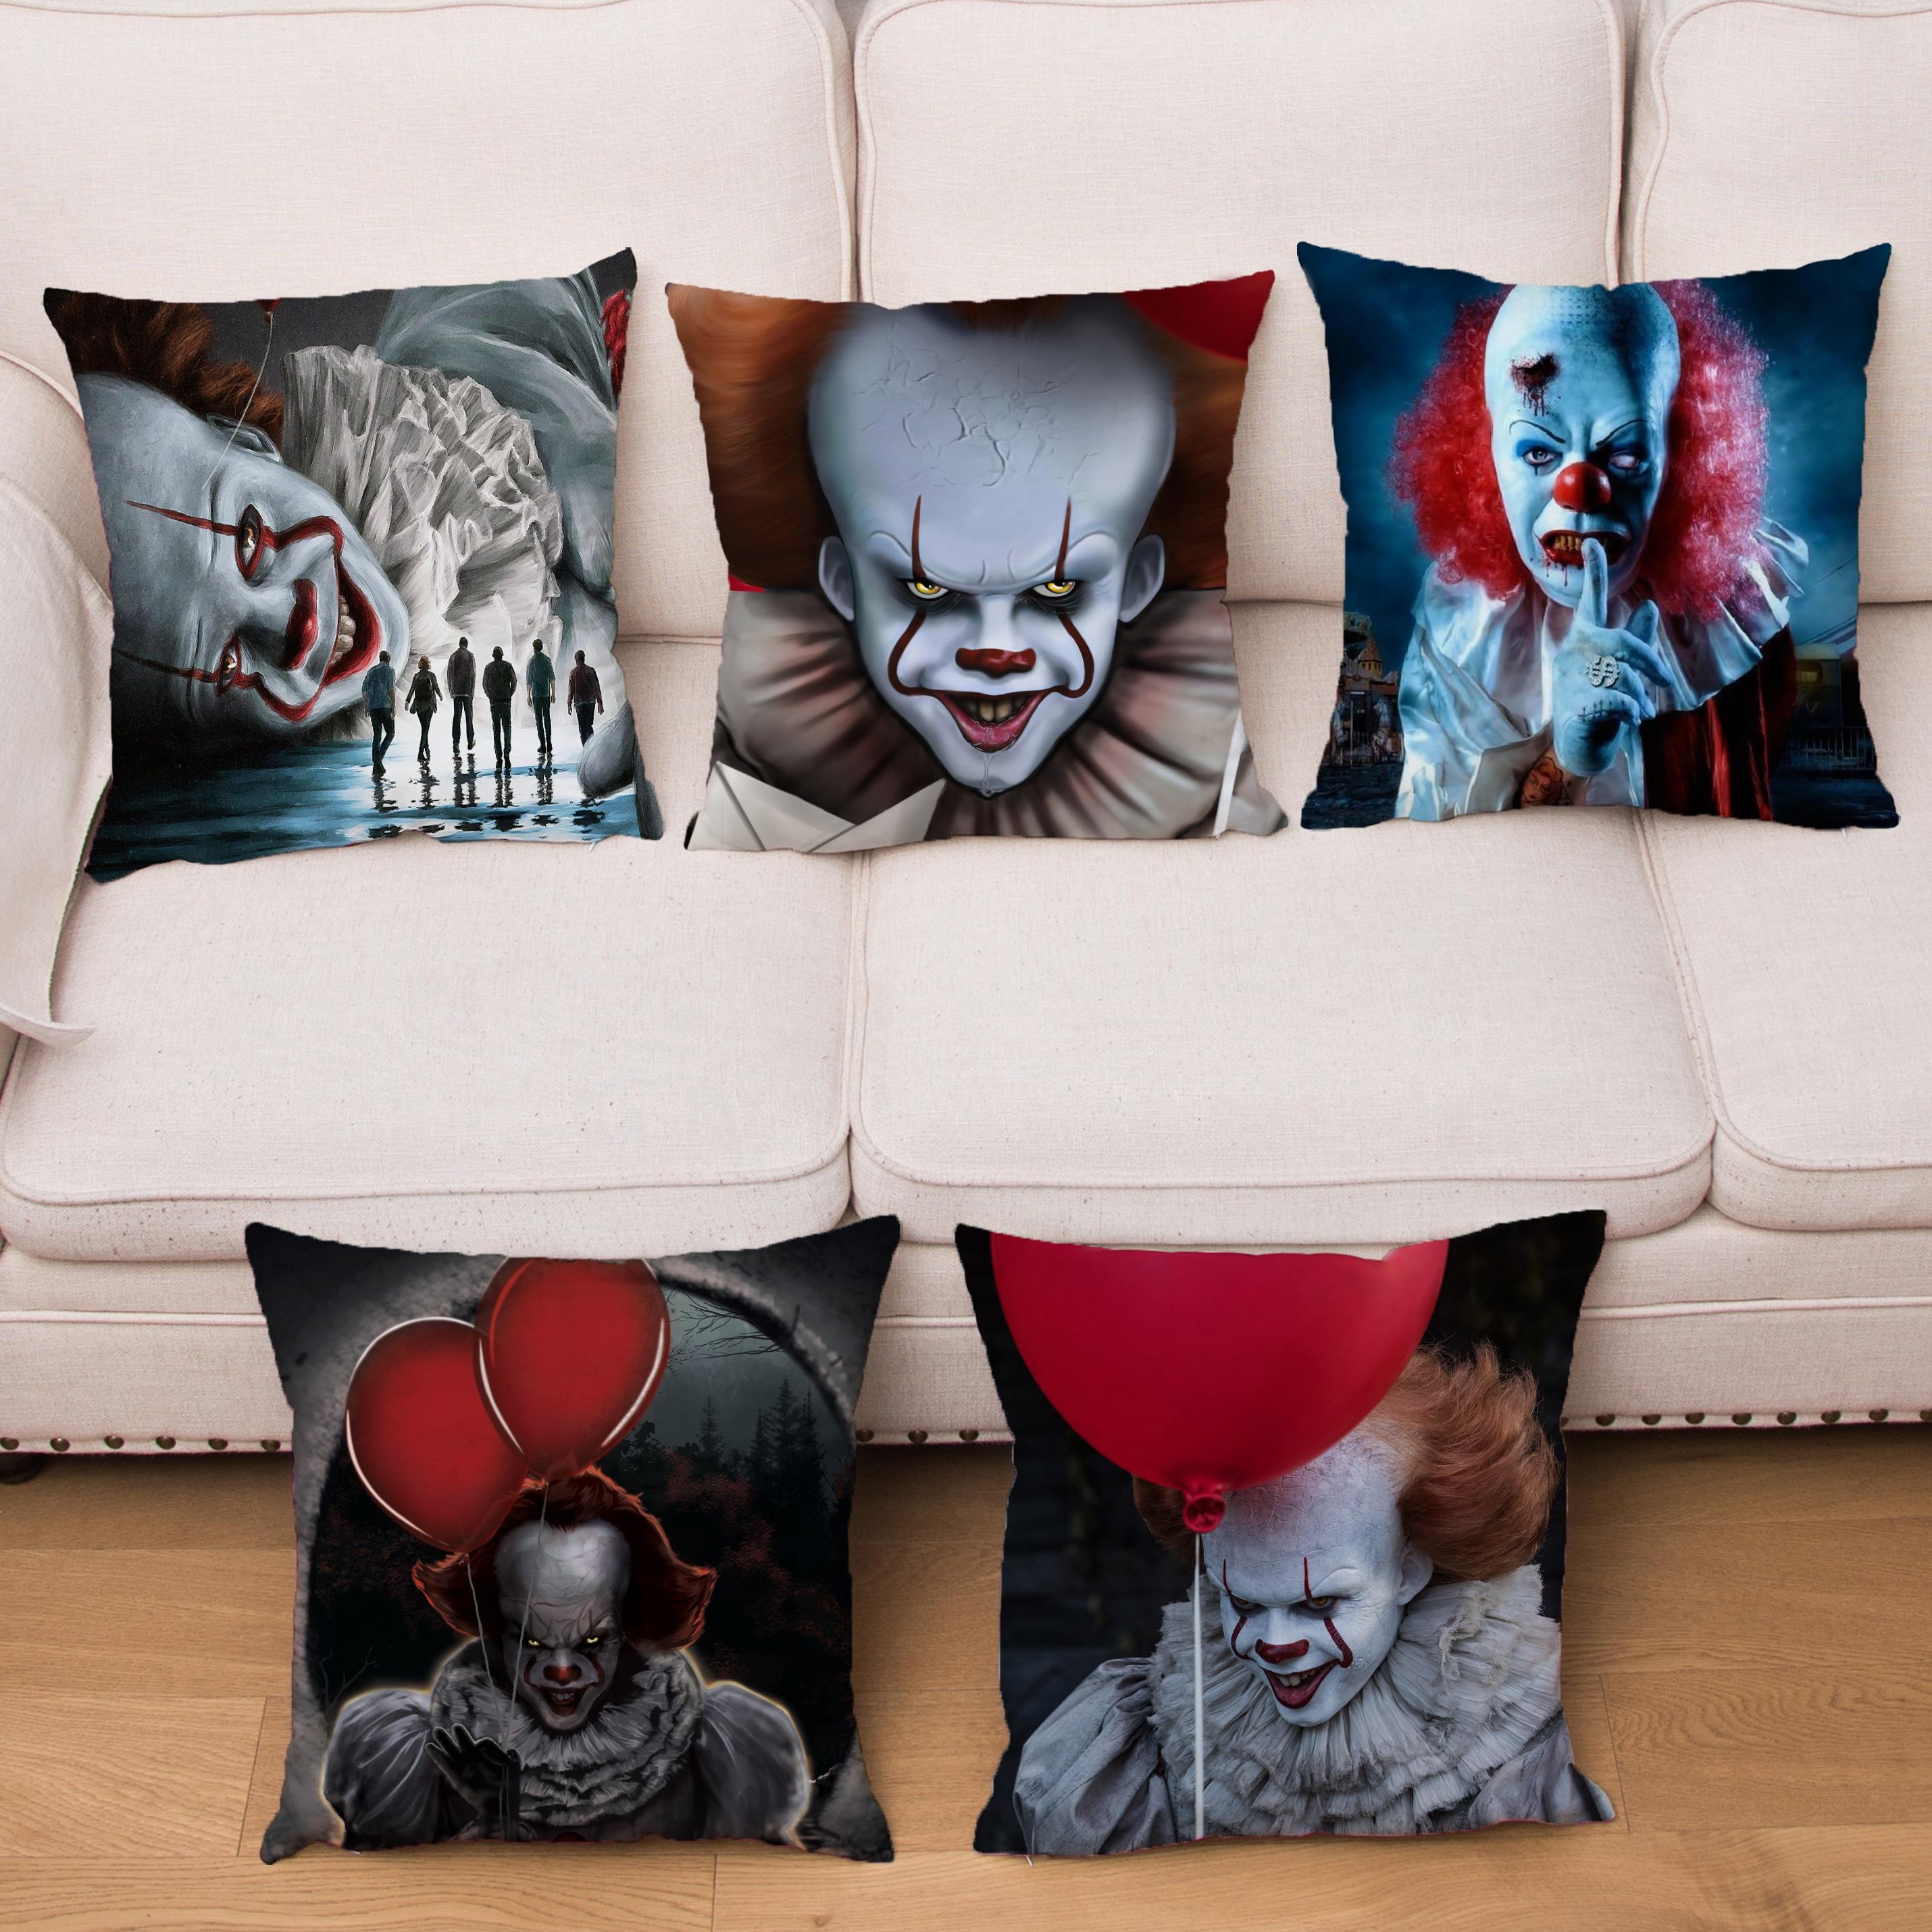 Terror Clown It Cushion Cover Super Soft Short Plush Pillow Case Horror Print Throw Pillowcase Sofa Home Decor Pillows Covers